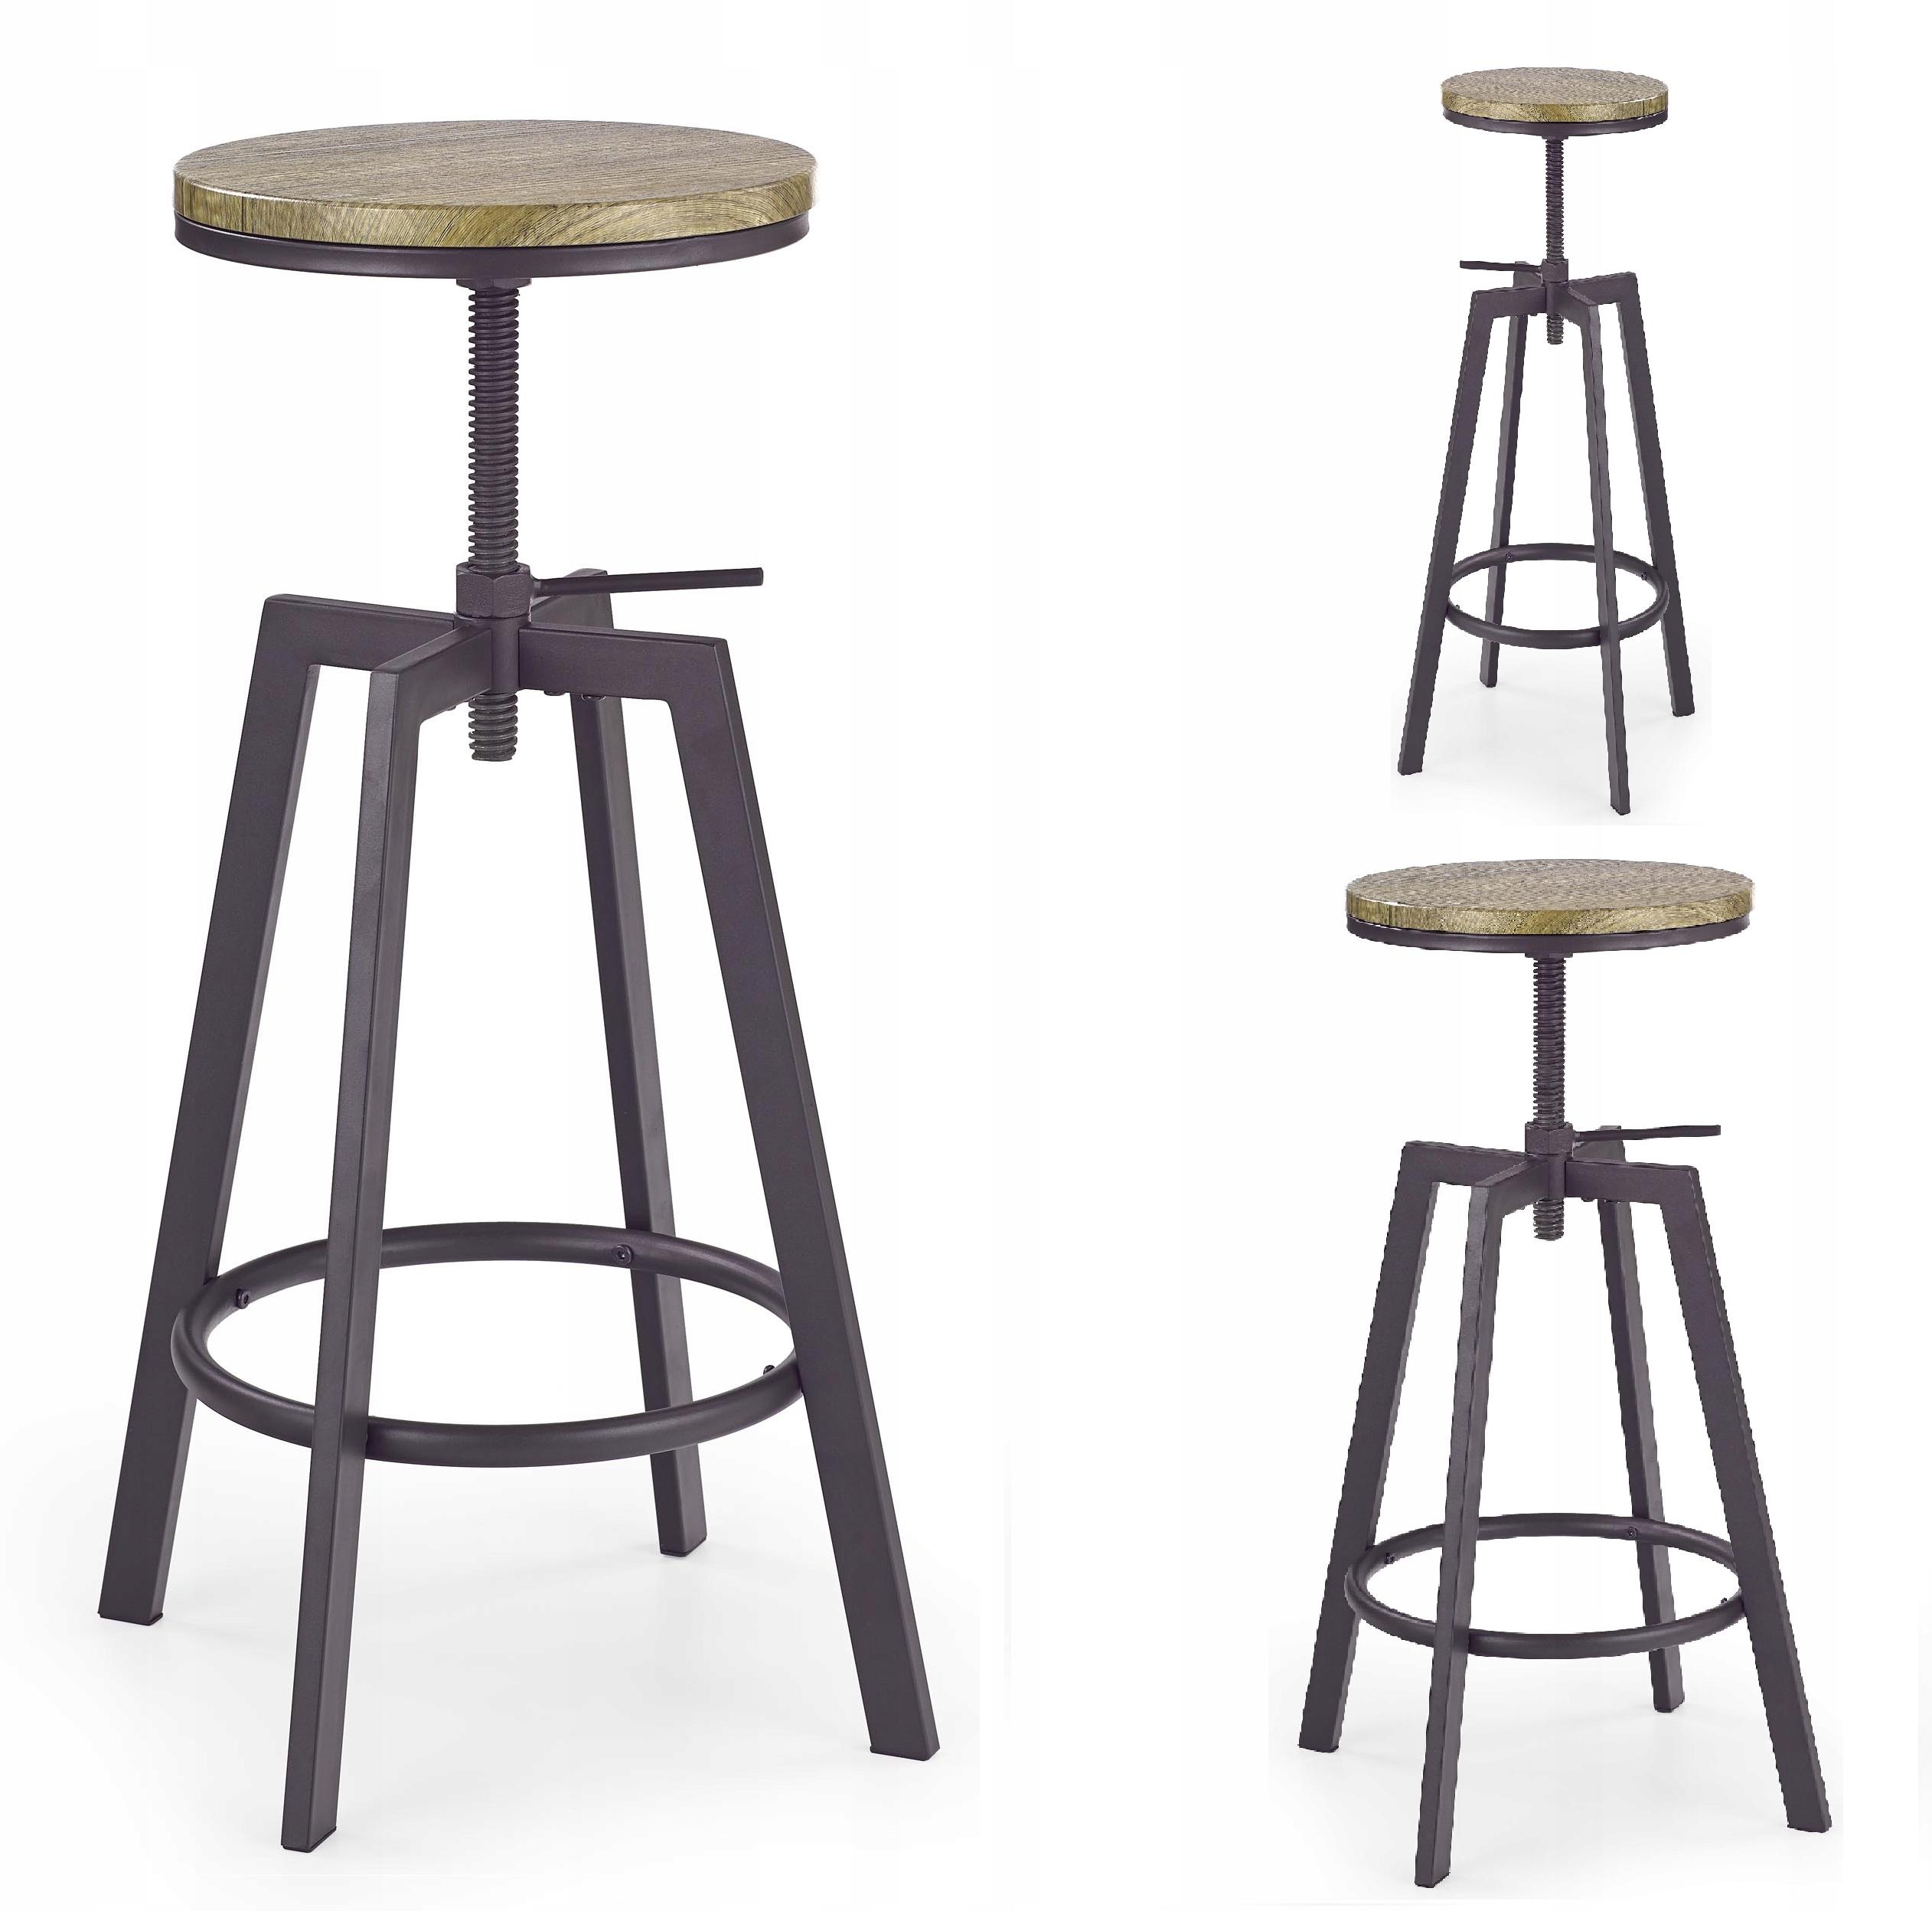 Барный стул KB64 Hoker Loft в индустриальном стиле